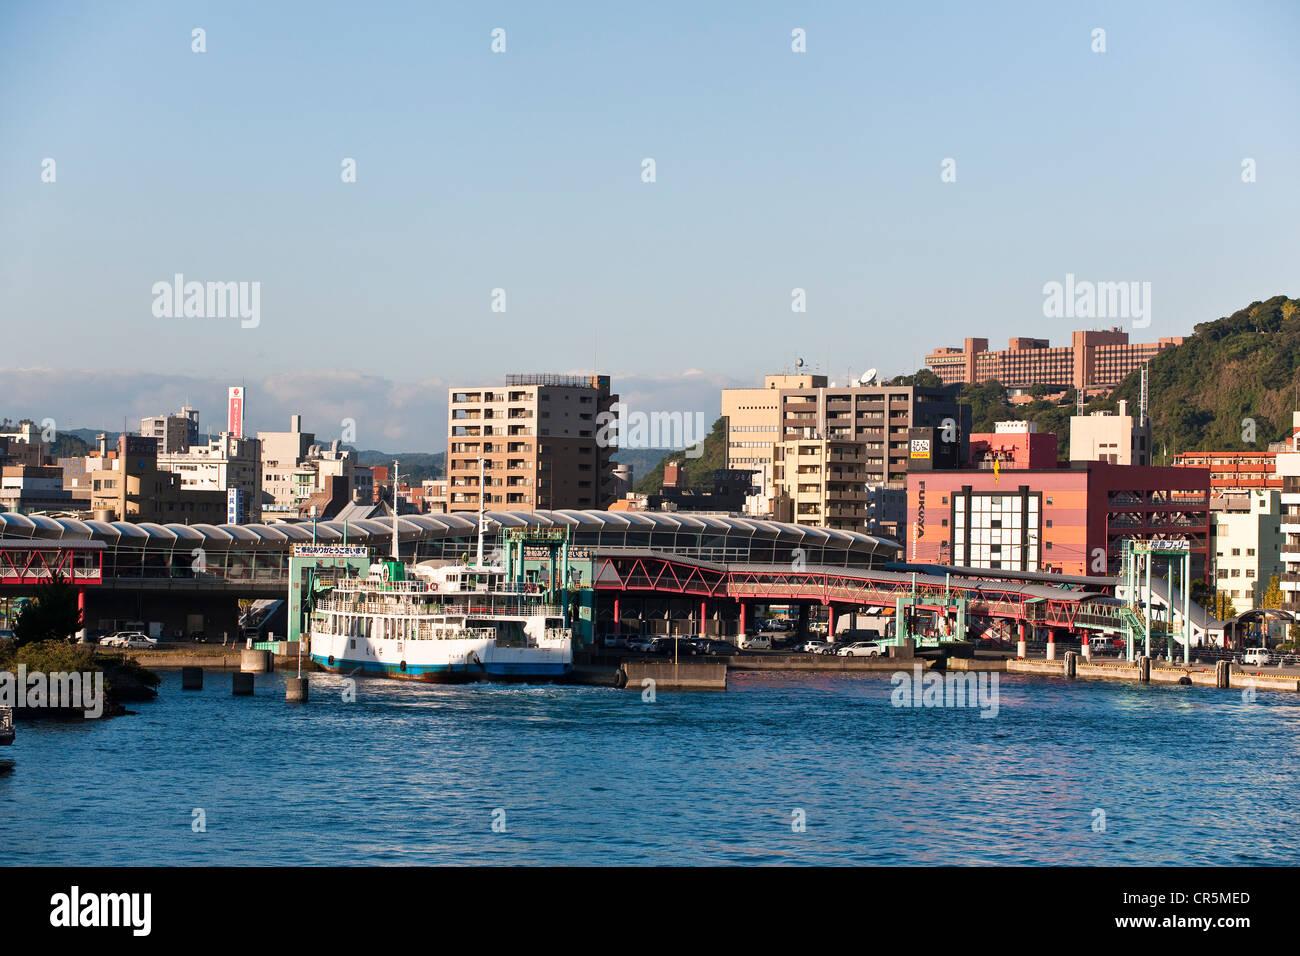 Japan, Kyushu Island, city of Kagoshima - Stock Image